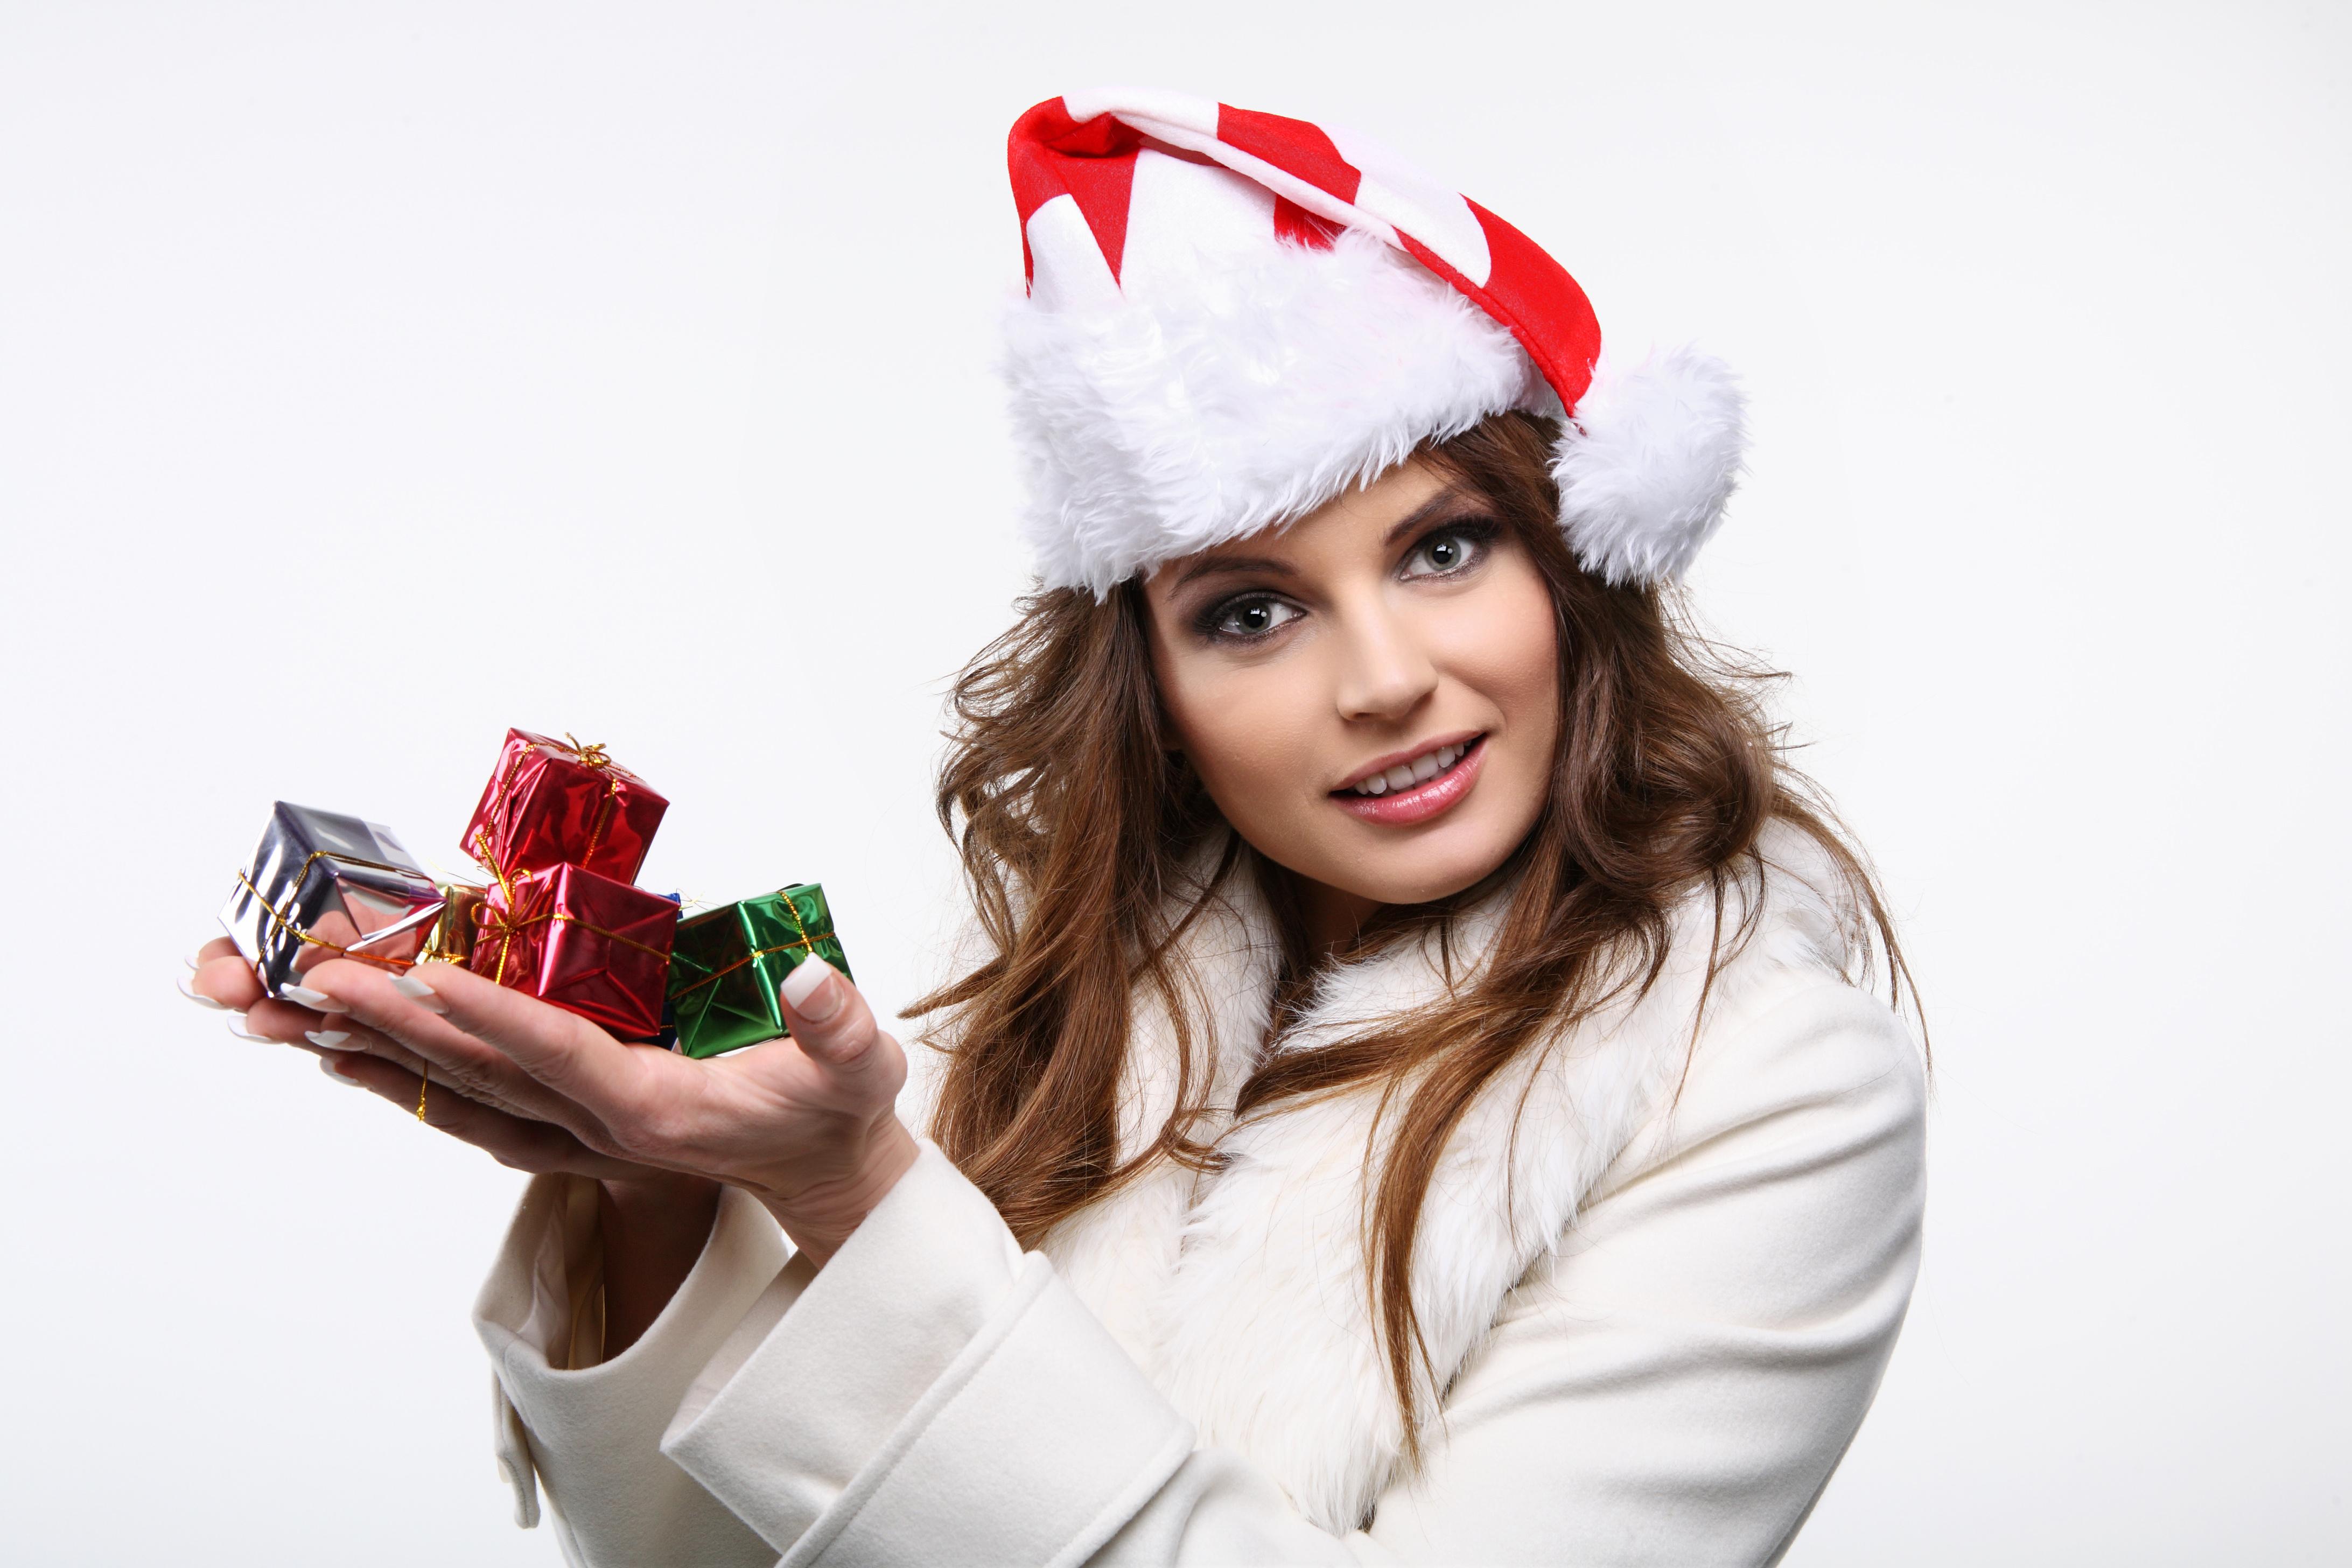 Надписью, прикольная картинка девушка в подарок